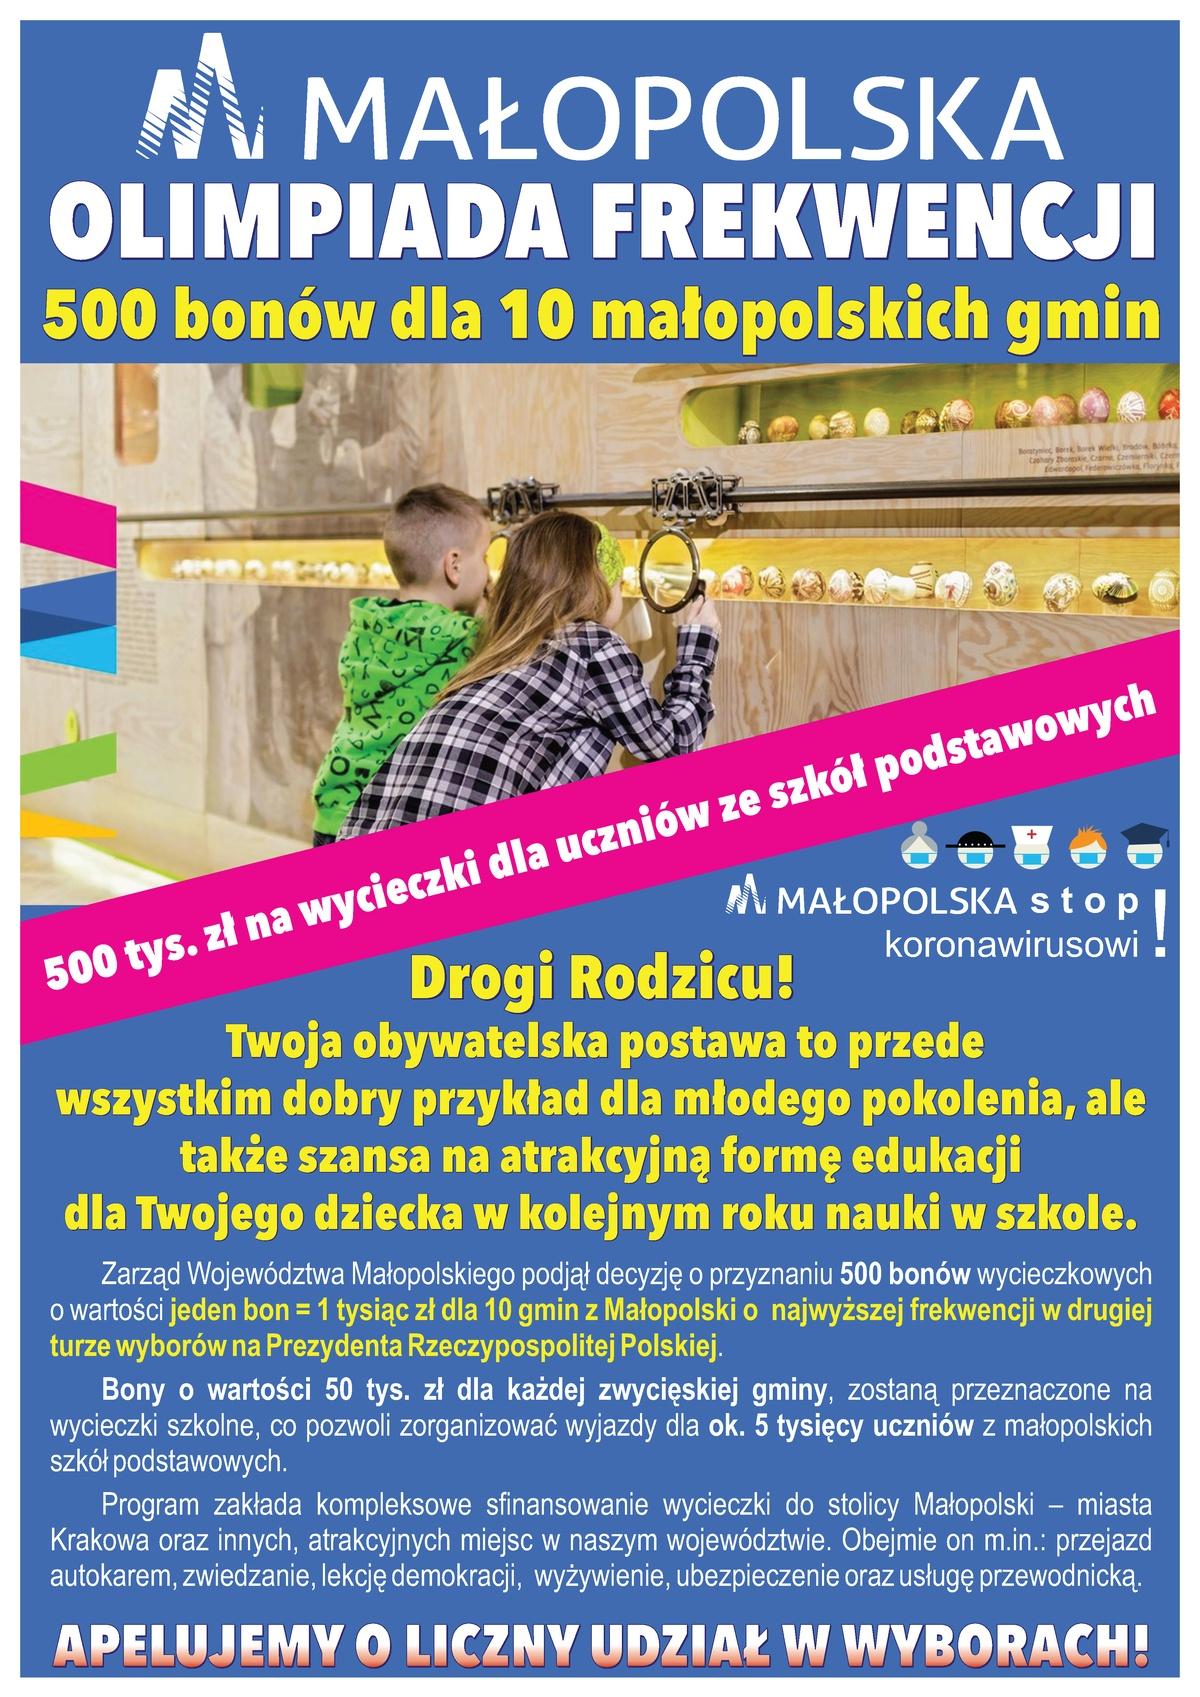 Małopolska Olimpiada Frekwencji - plakat informacyjny